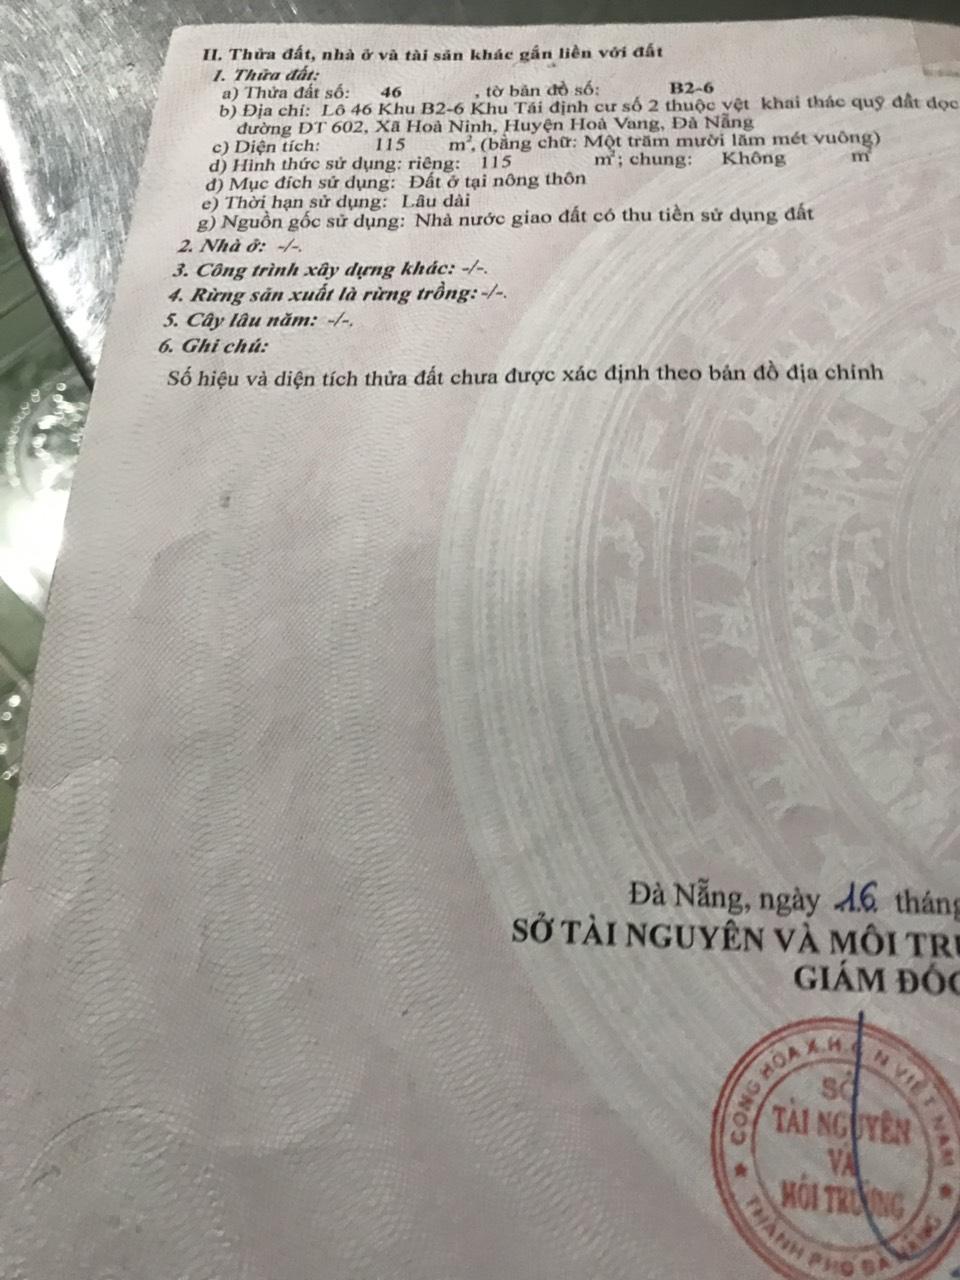 Đất KĐT mới Hòa Ninh, Hòa Ninh 2 Hòa Vang Đà Nẵng